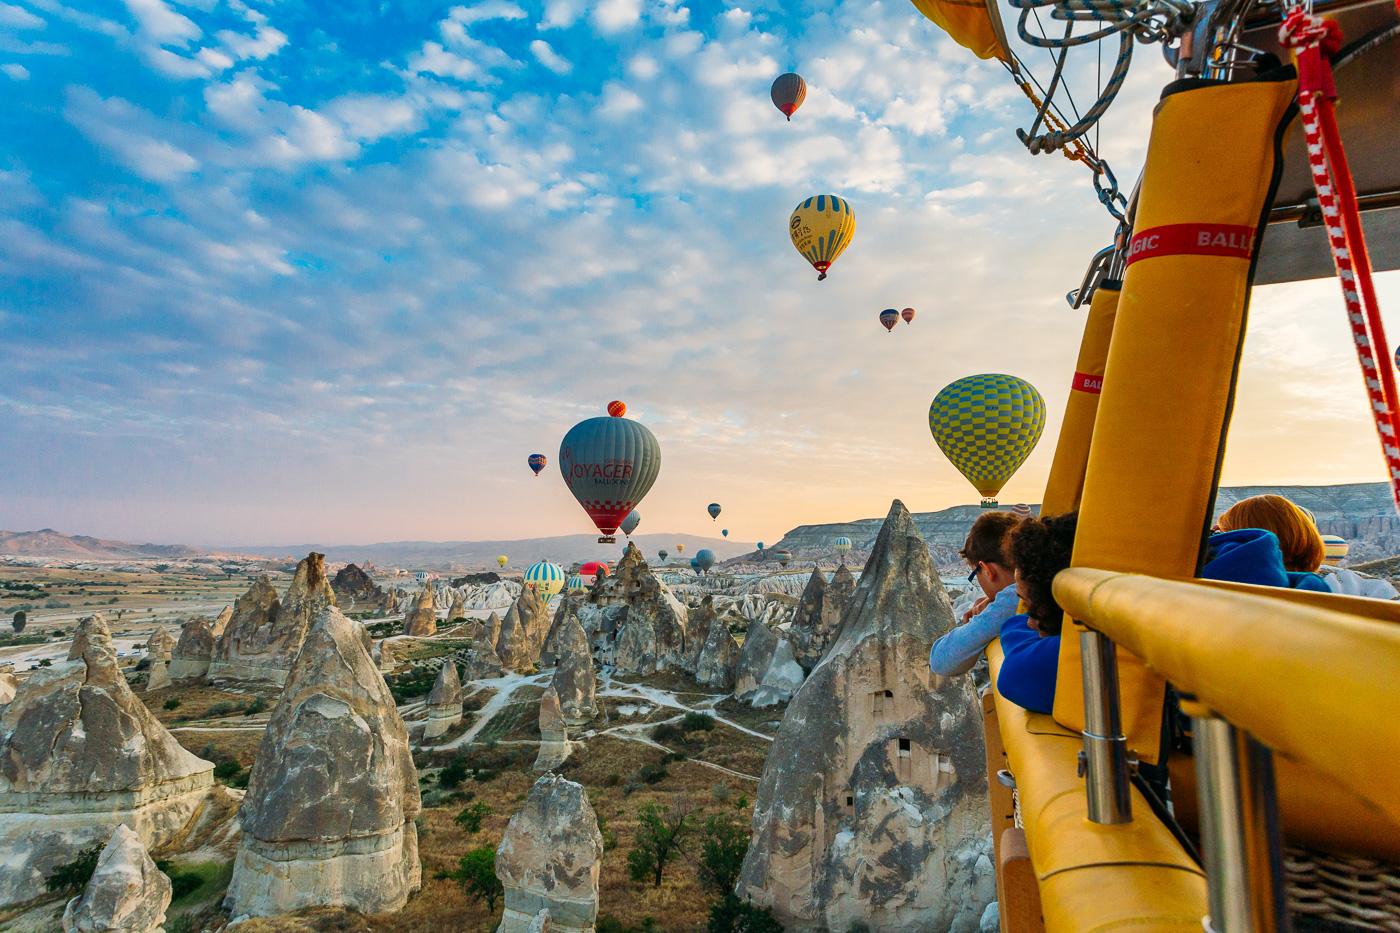 Cappadocia Hot Air Balloon Tours